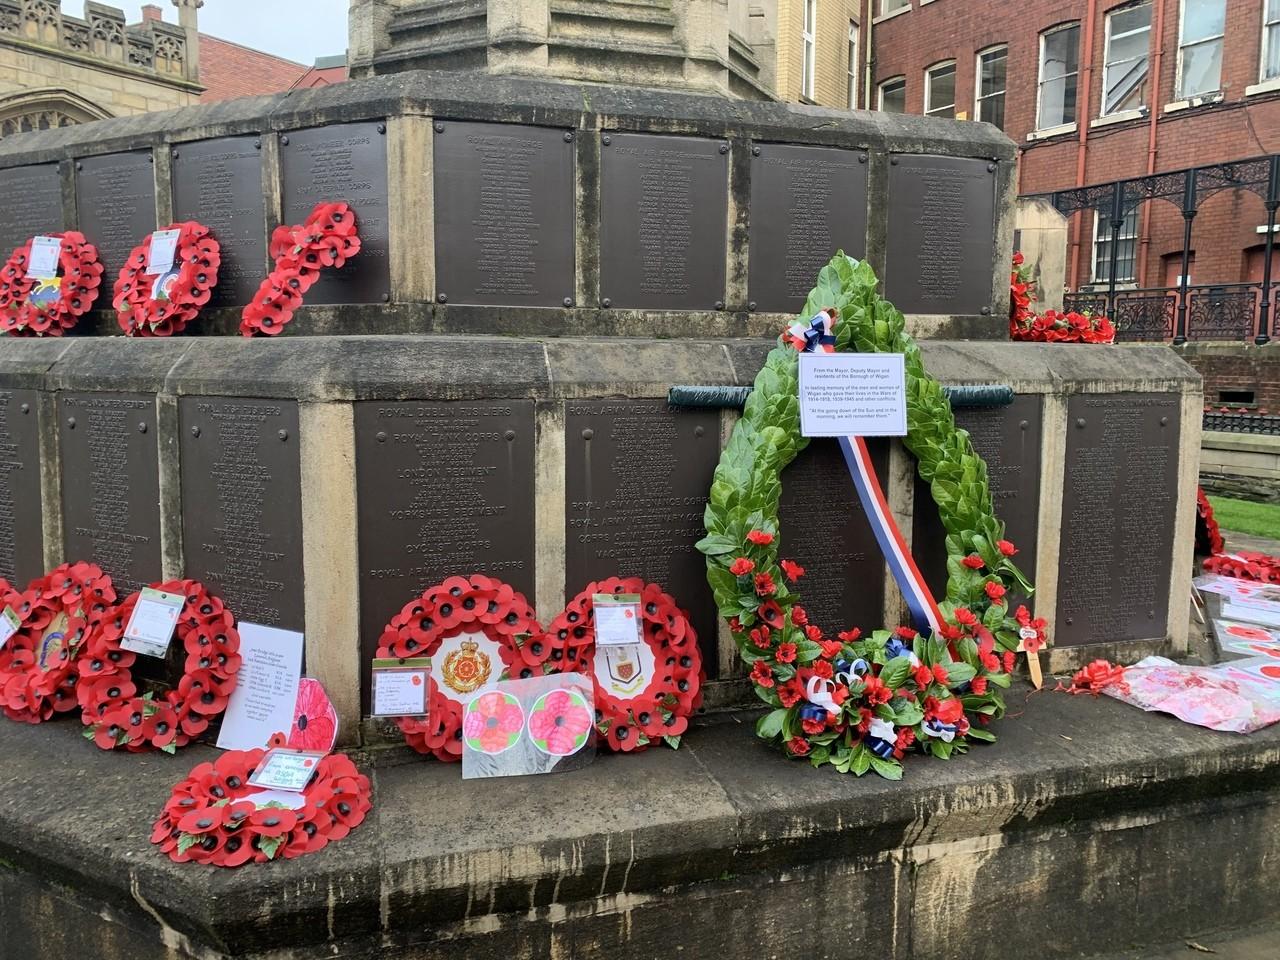 Remembering the fallen | Asda Wigan